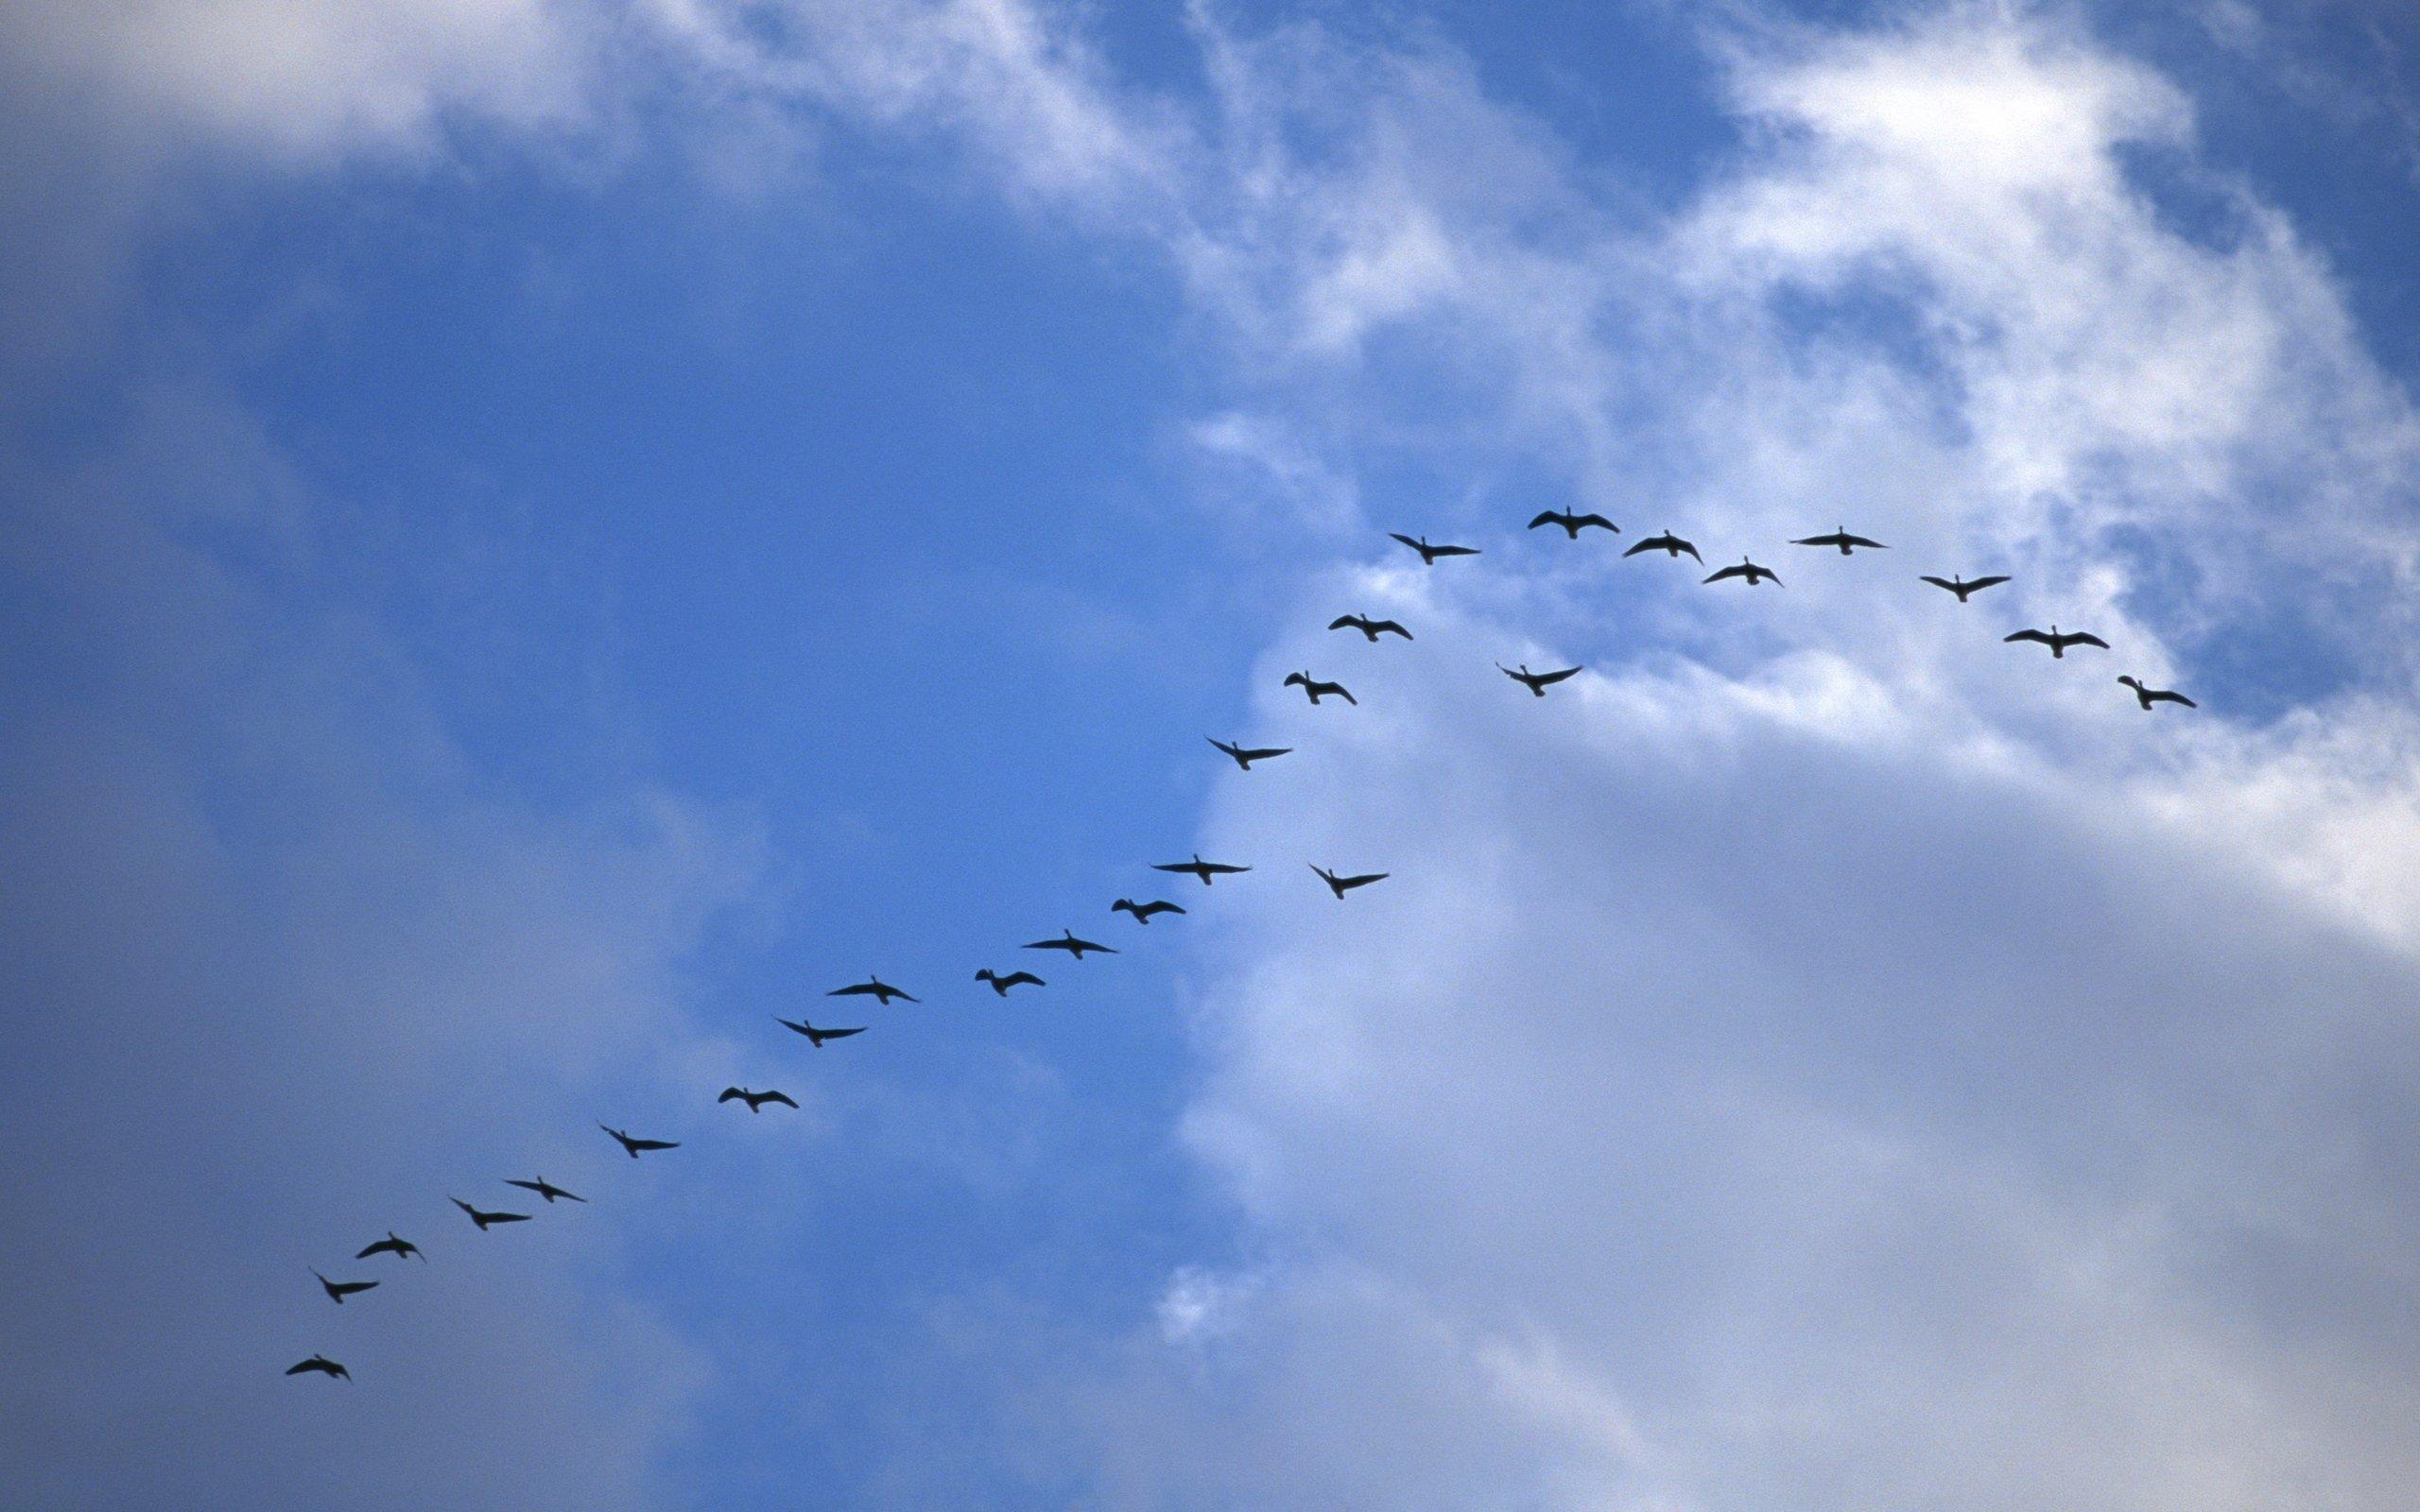 смыслу перелет птиц в картинках китайский почему-то